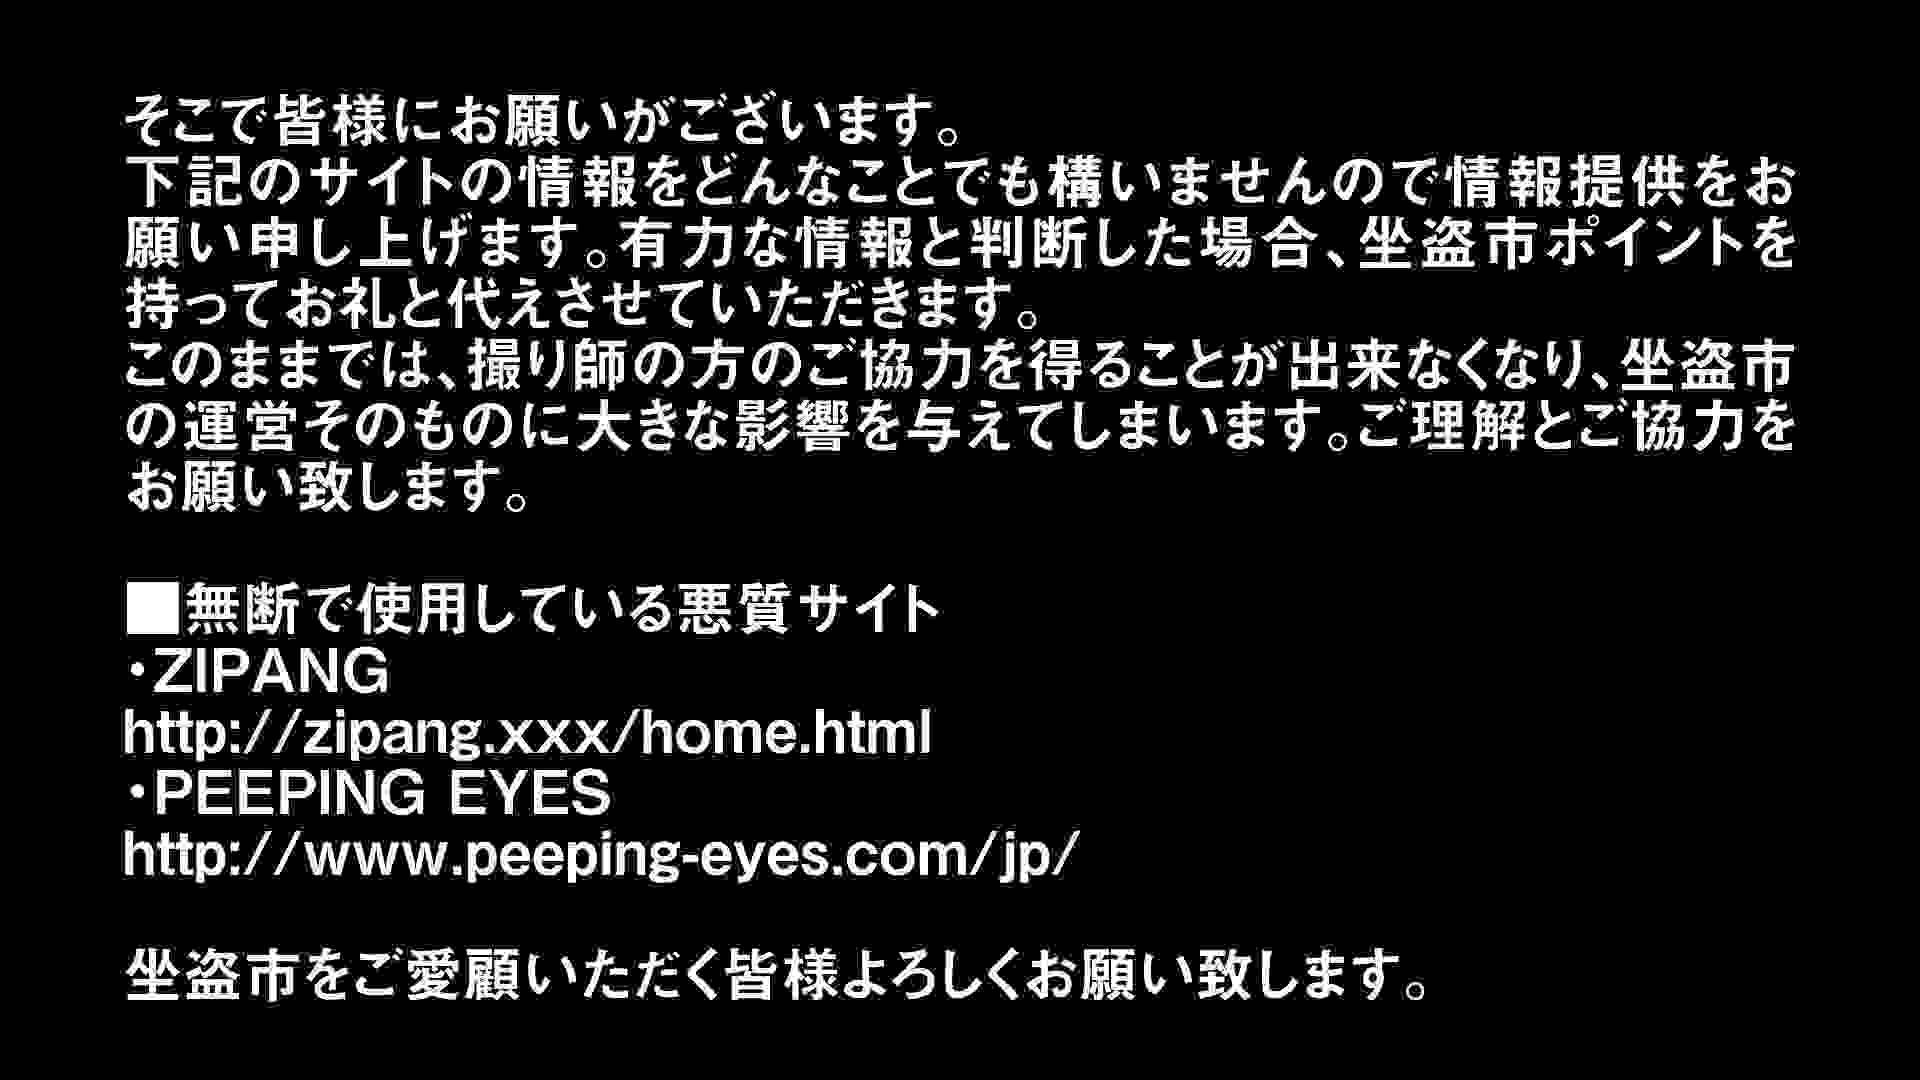 Aquaな露天風呂Vol.299 盗撮大放出  45連発 20